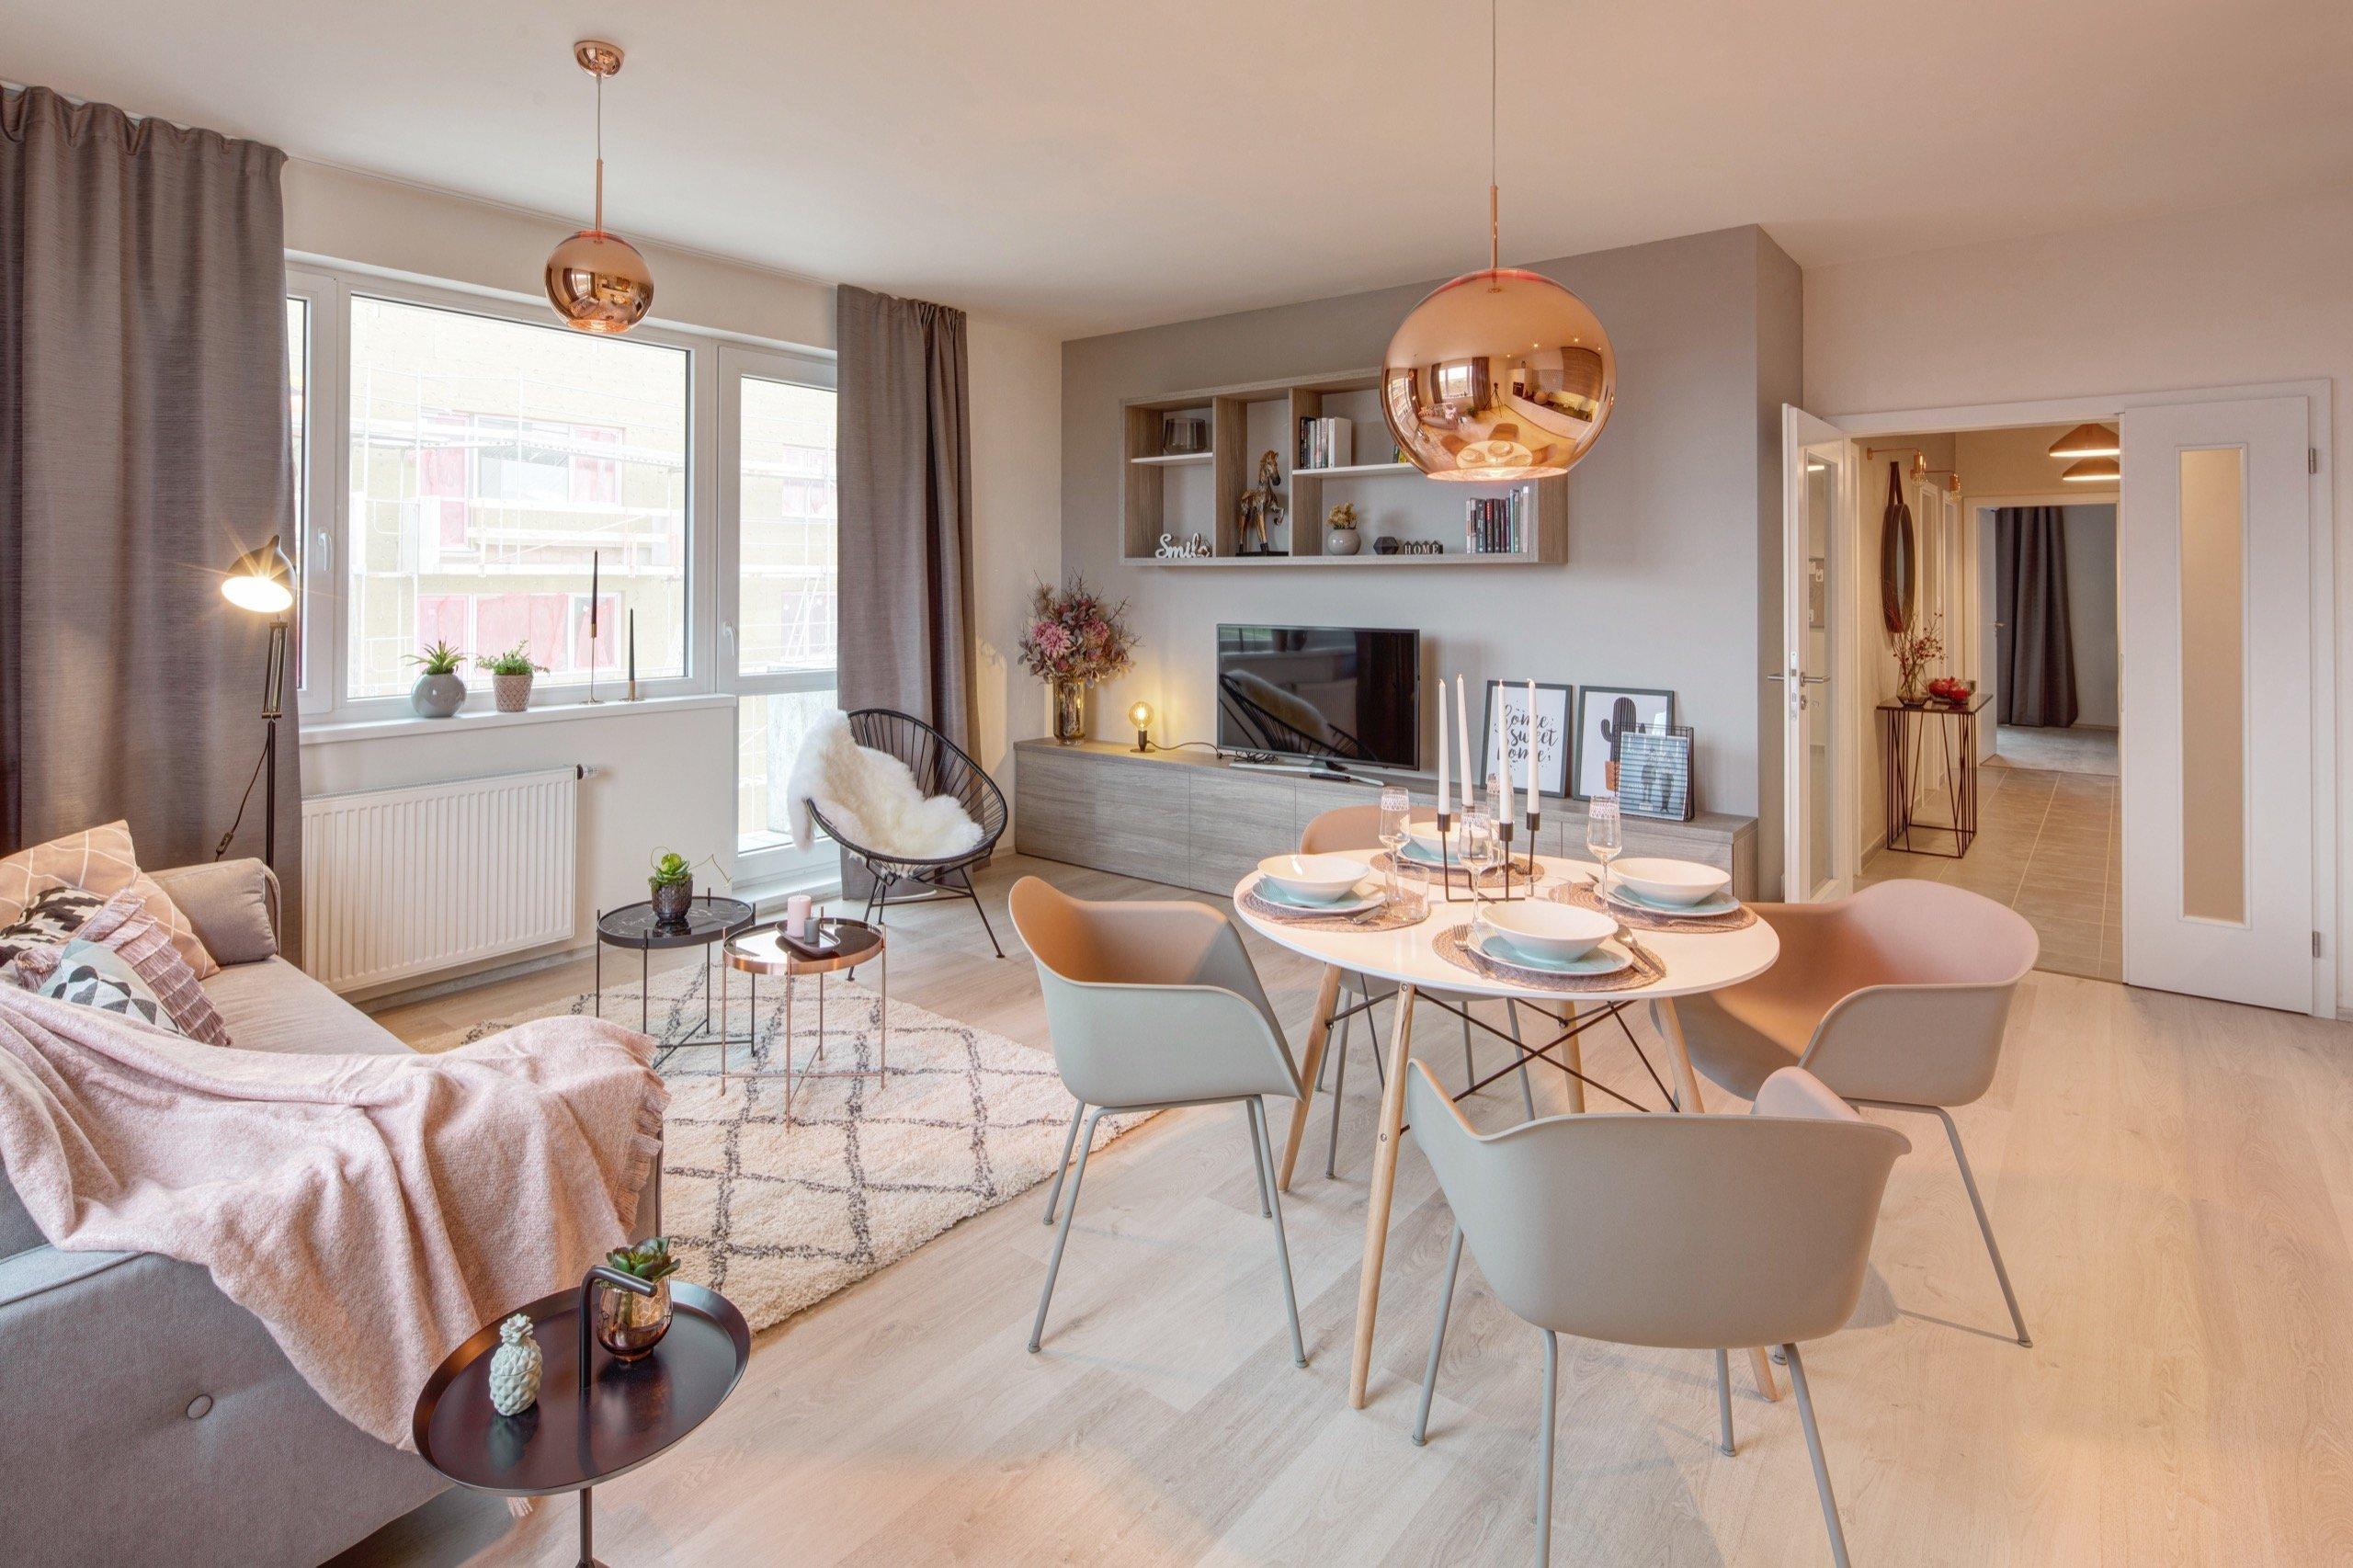 Jelikož se bytový komplex nachází mimo ruch velkoměsta, od začátku jsem chtěla, aby byt působil lehce, vzdušně, uvolněně a hlavně útulně, tak trochu ve smyslu…